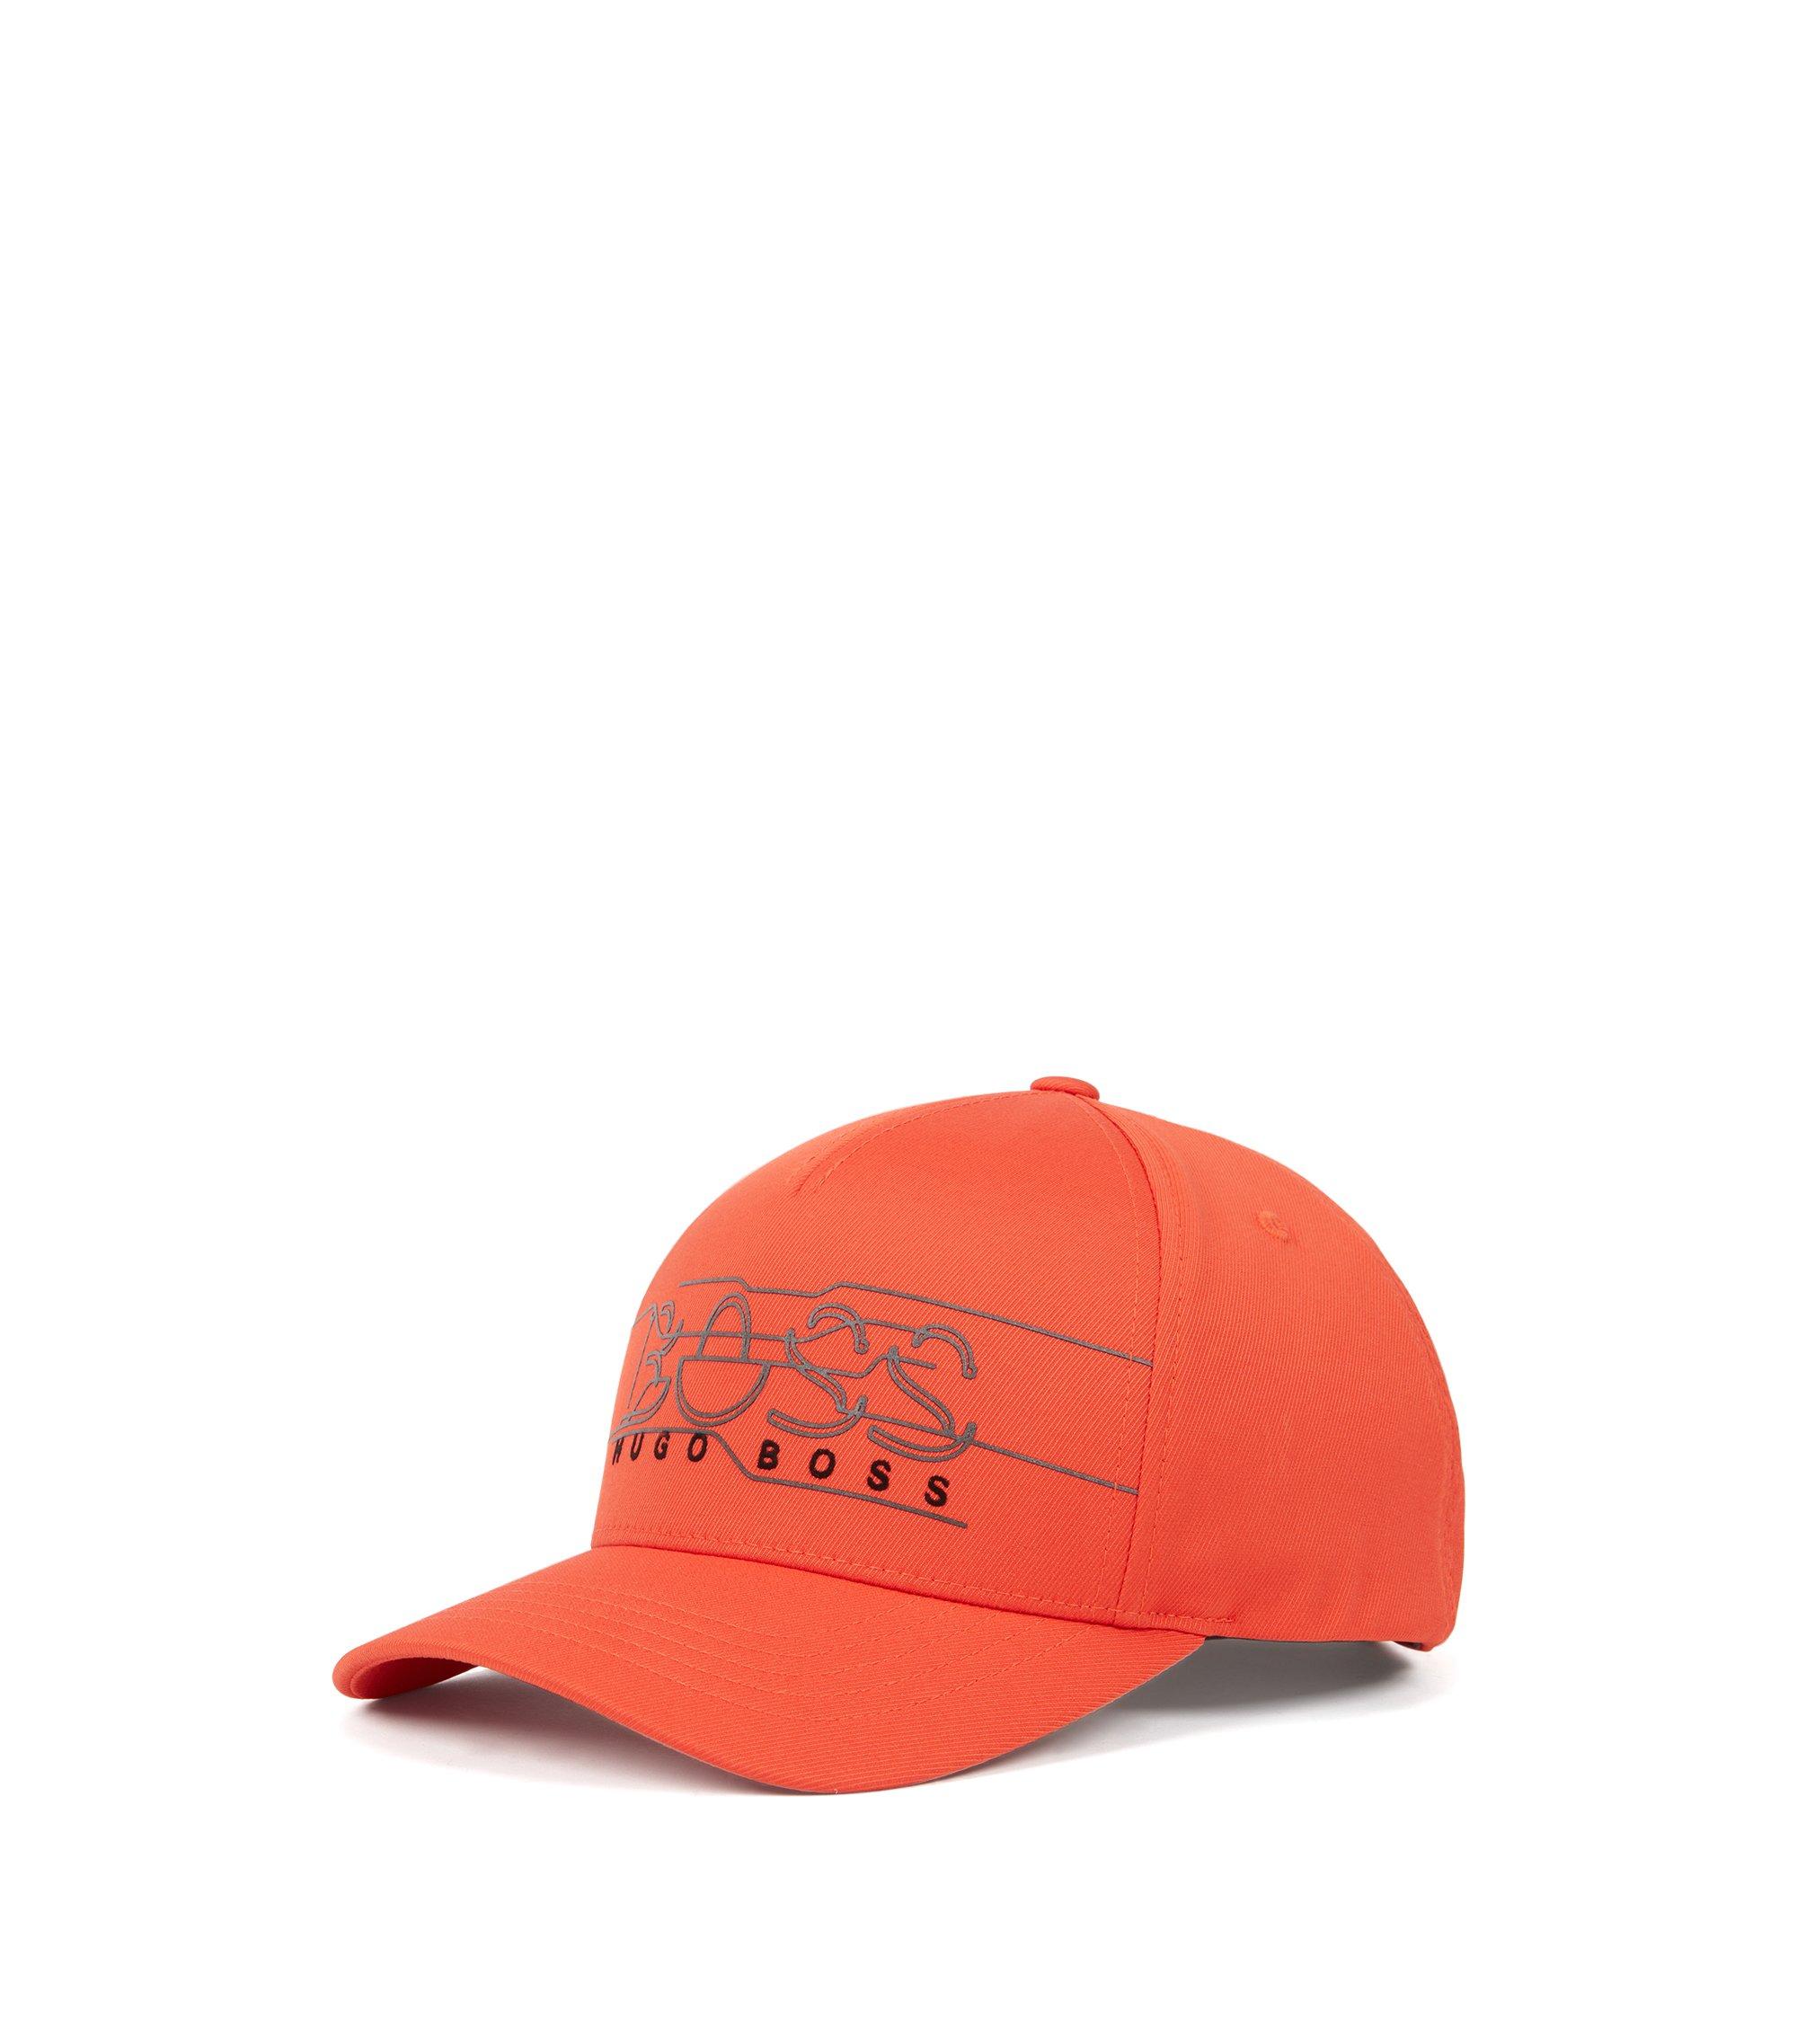 Casquette en twill double avec logo imprimé réfléchissant, Orange